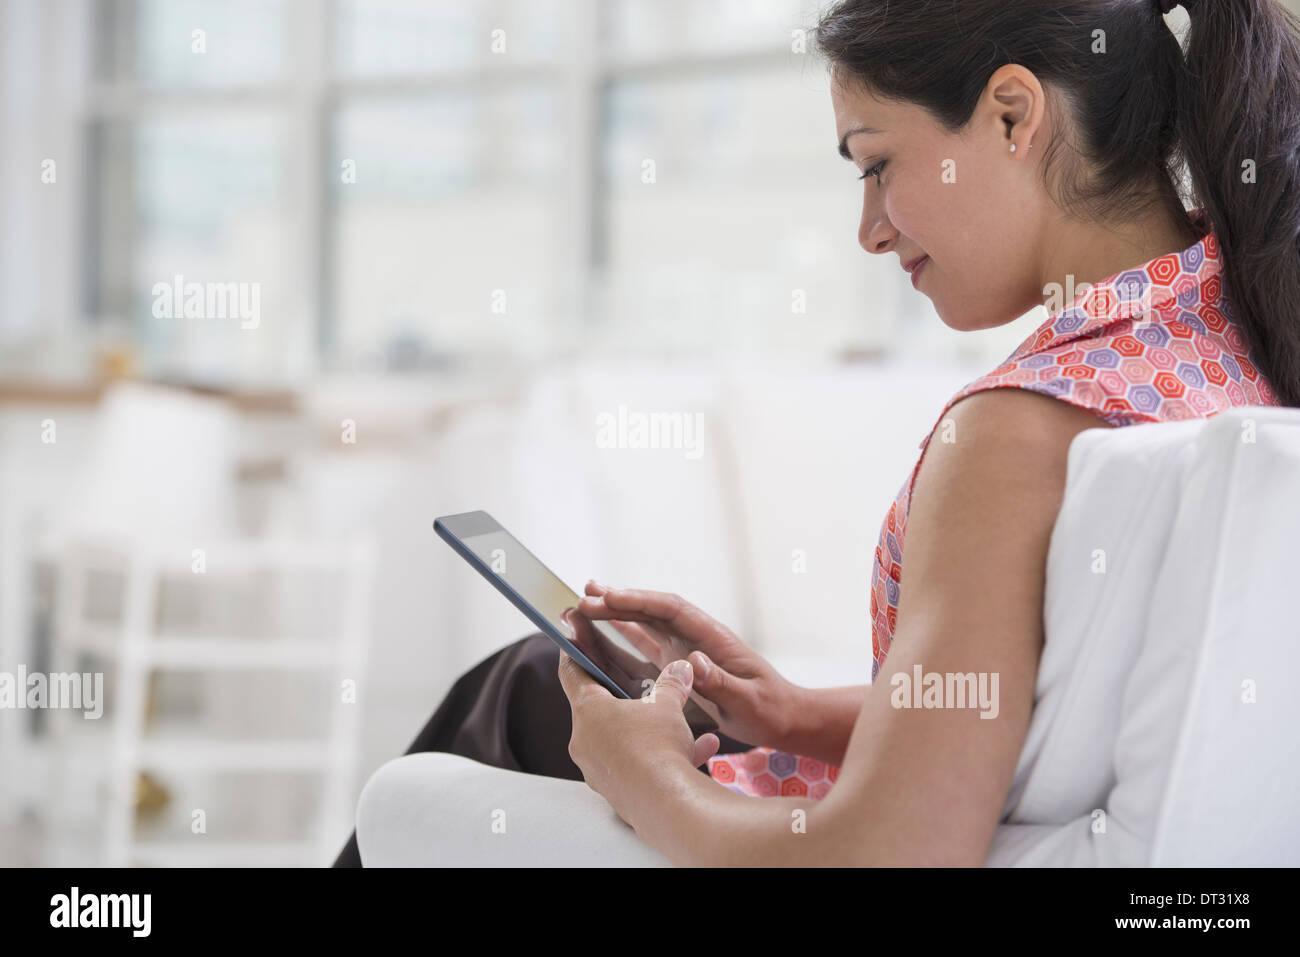 Professionnels à l'office un cadre lumineux et spacieux lieu de travail une femme assise à l'aide d'une tablette numérique Banque D'Images